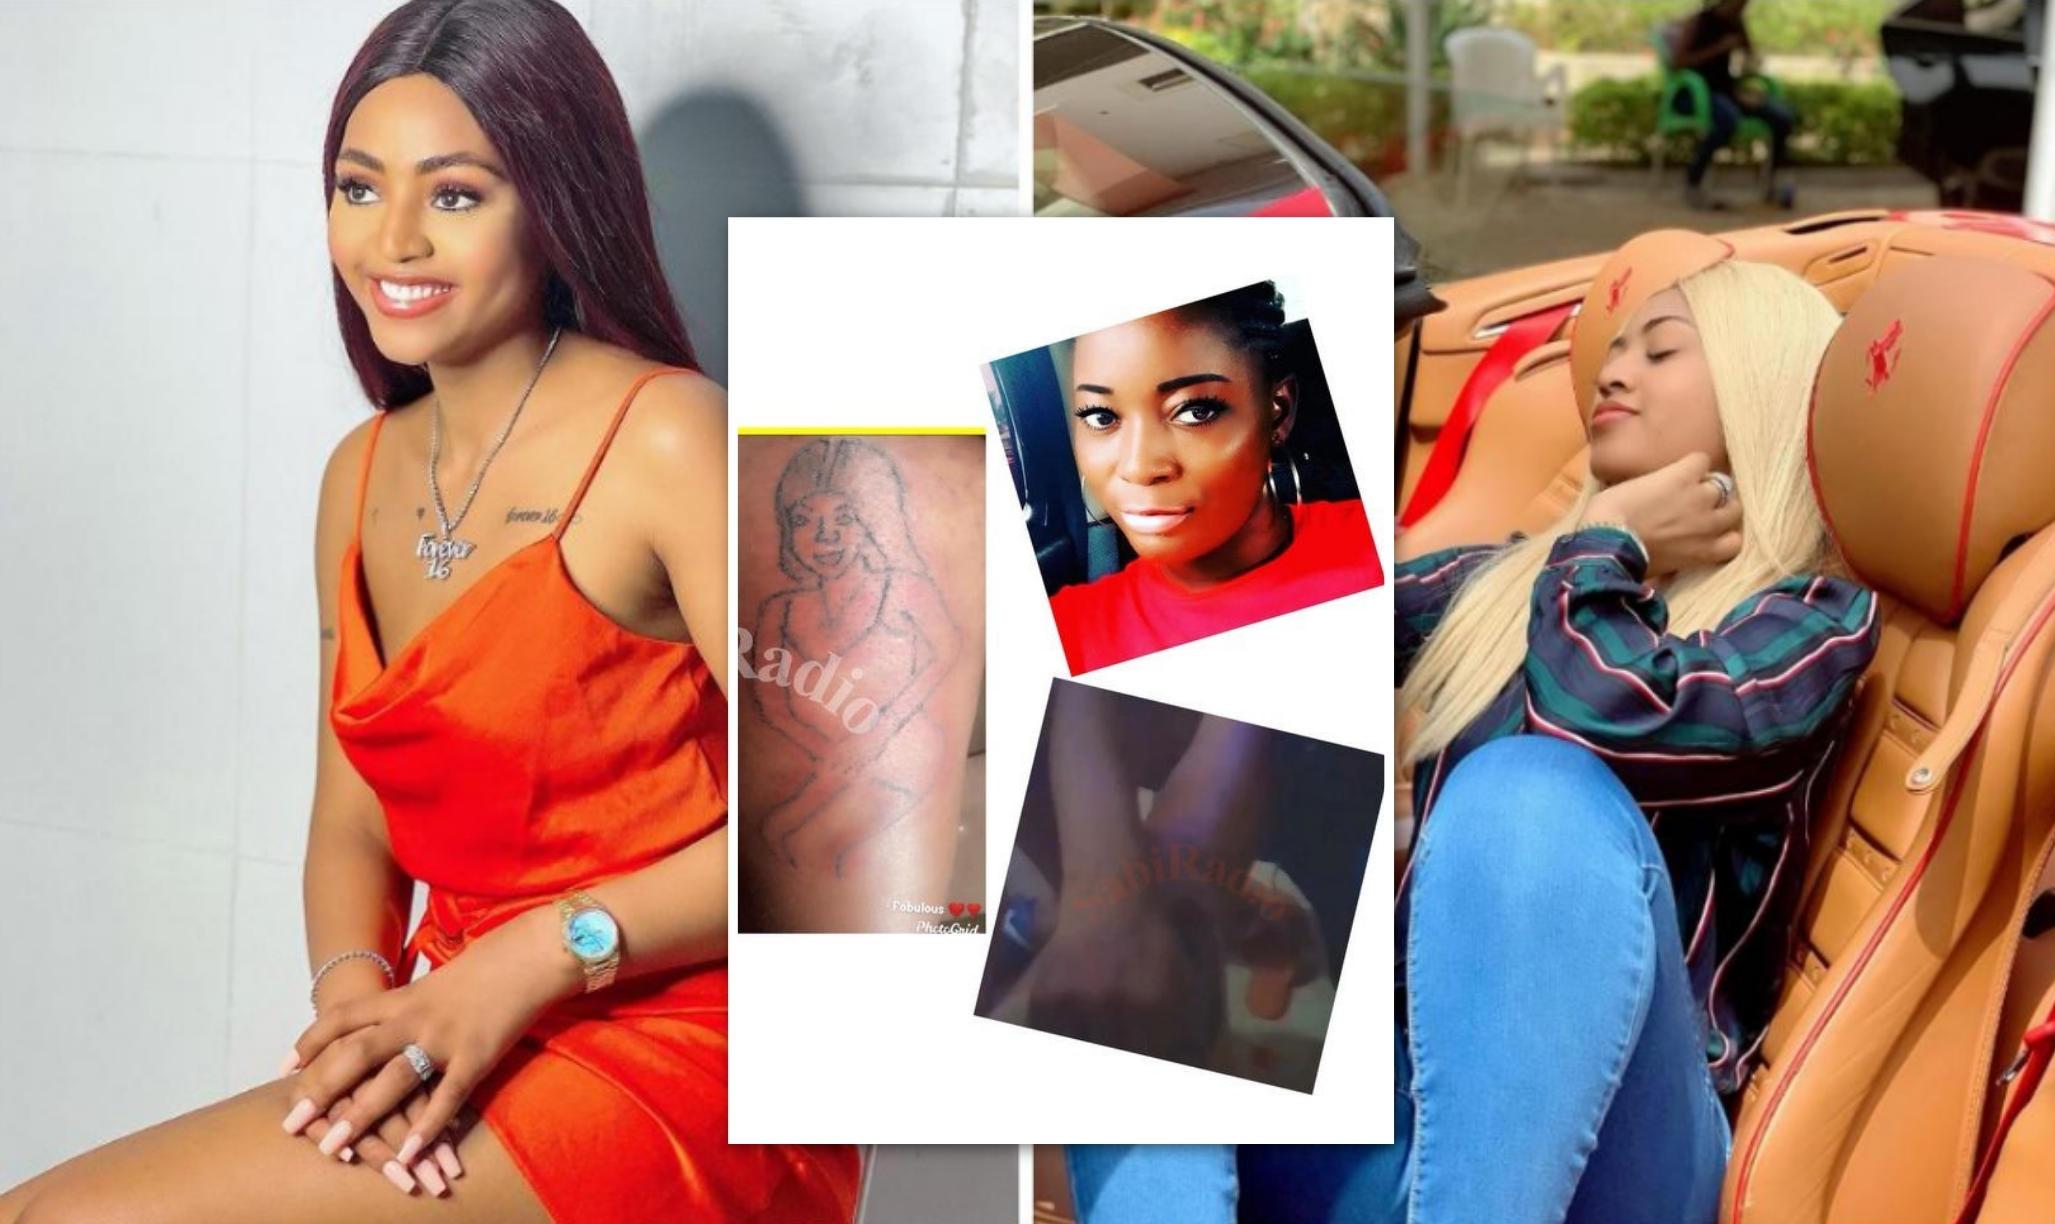 Fan Tattoos Regina Daniels Photo On Her Body - Amebo Book